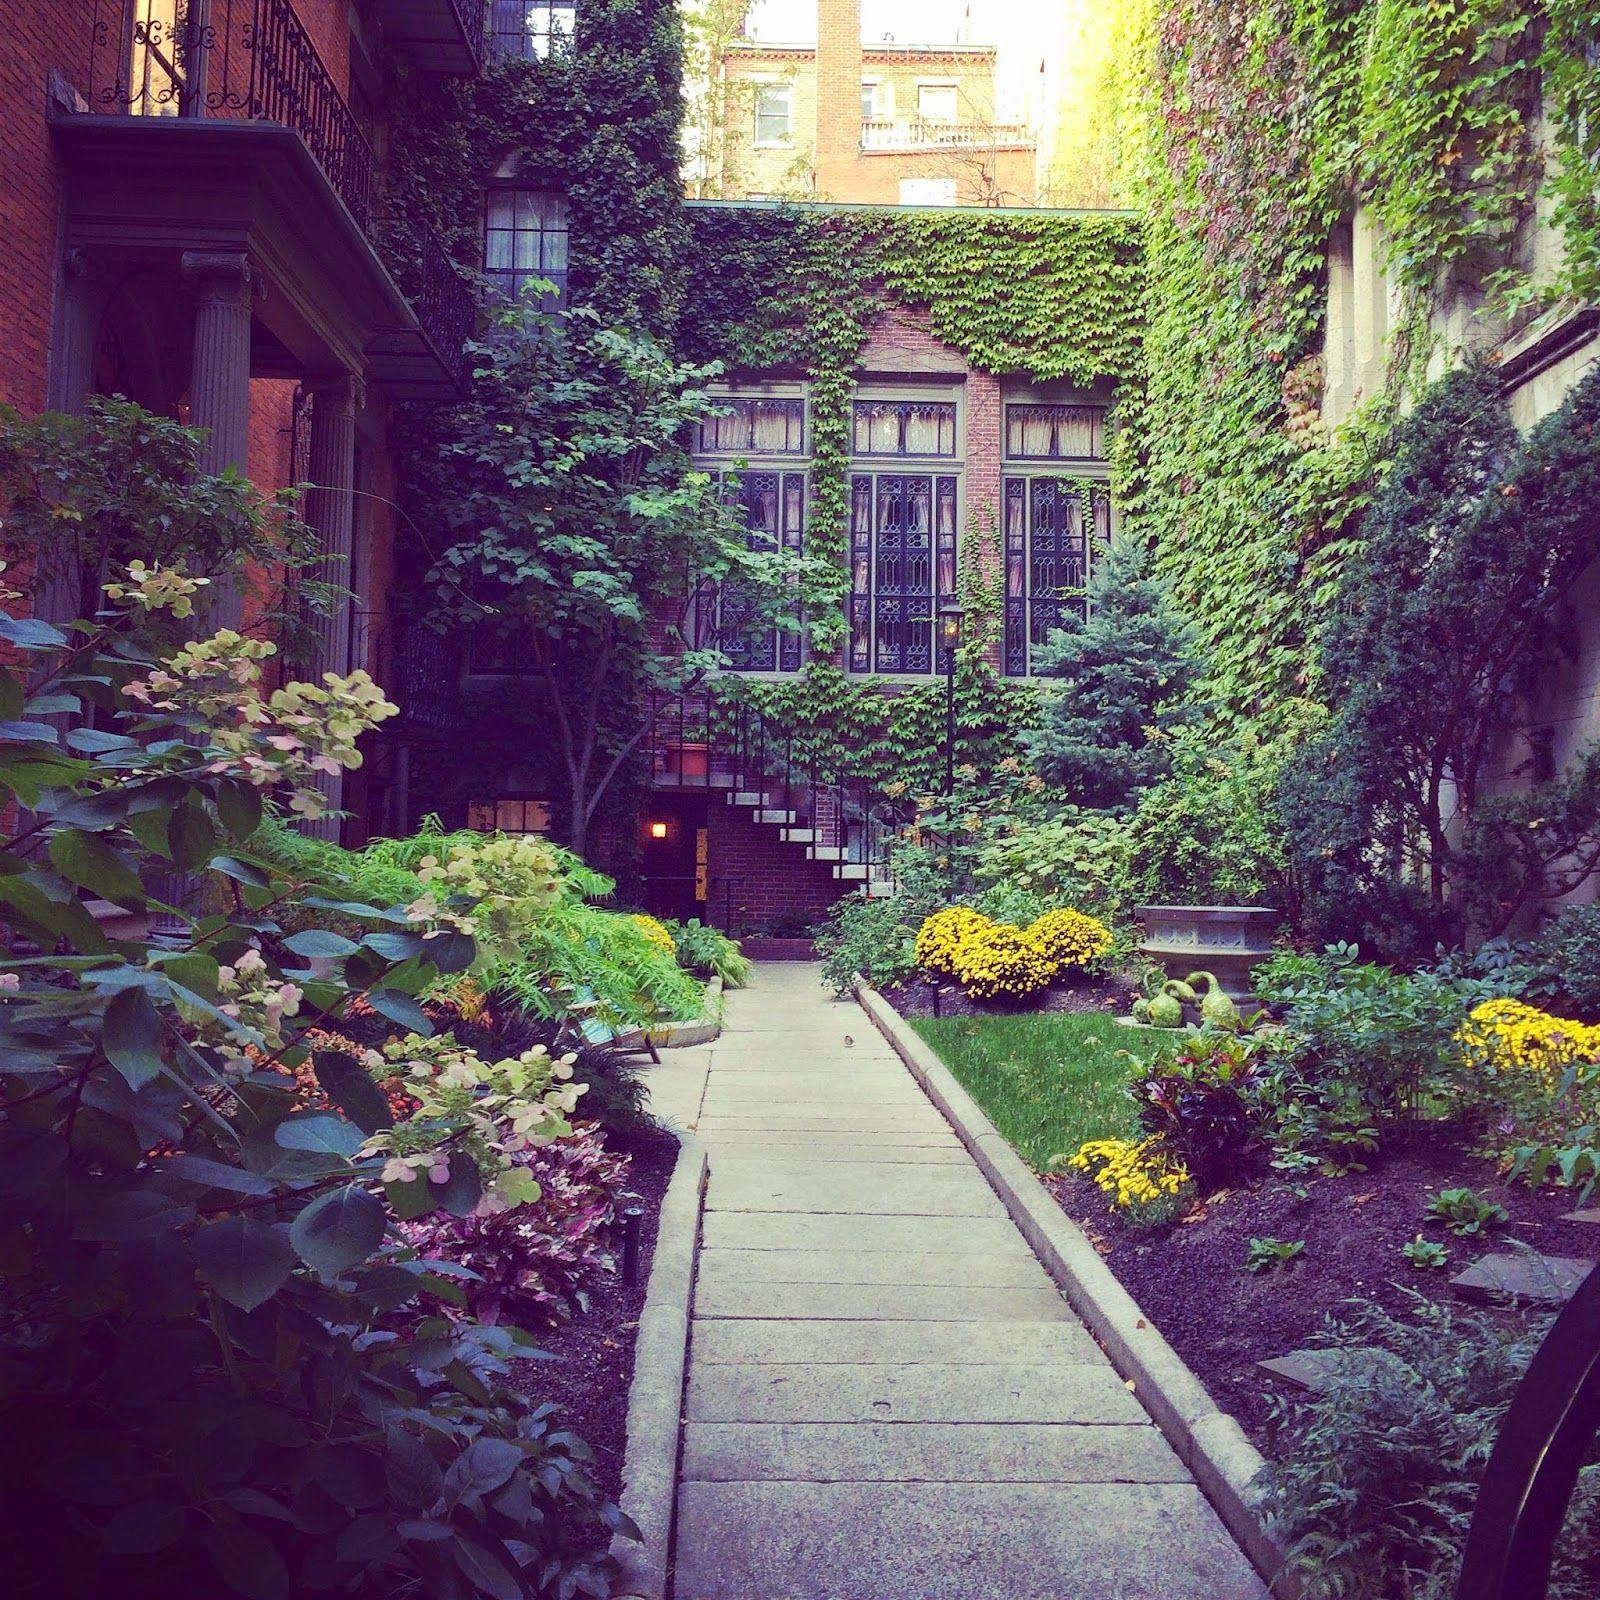 Pineapple Street: A Weekend in Boston